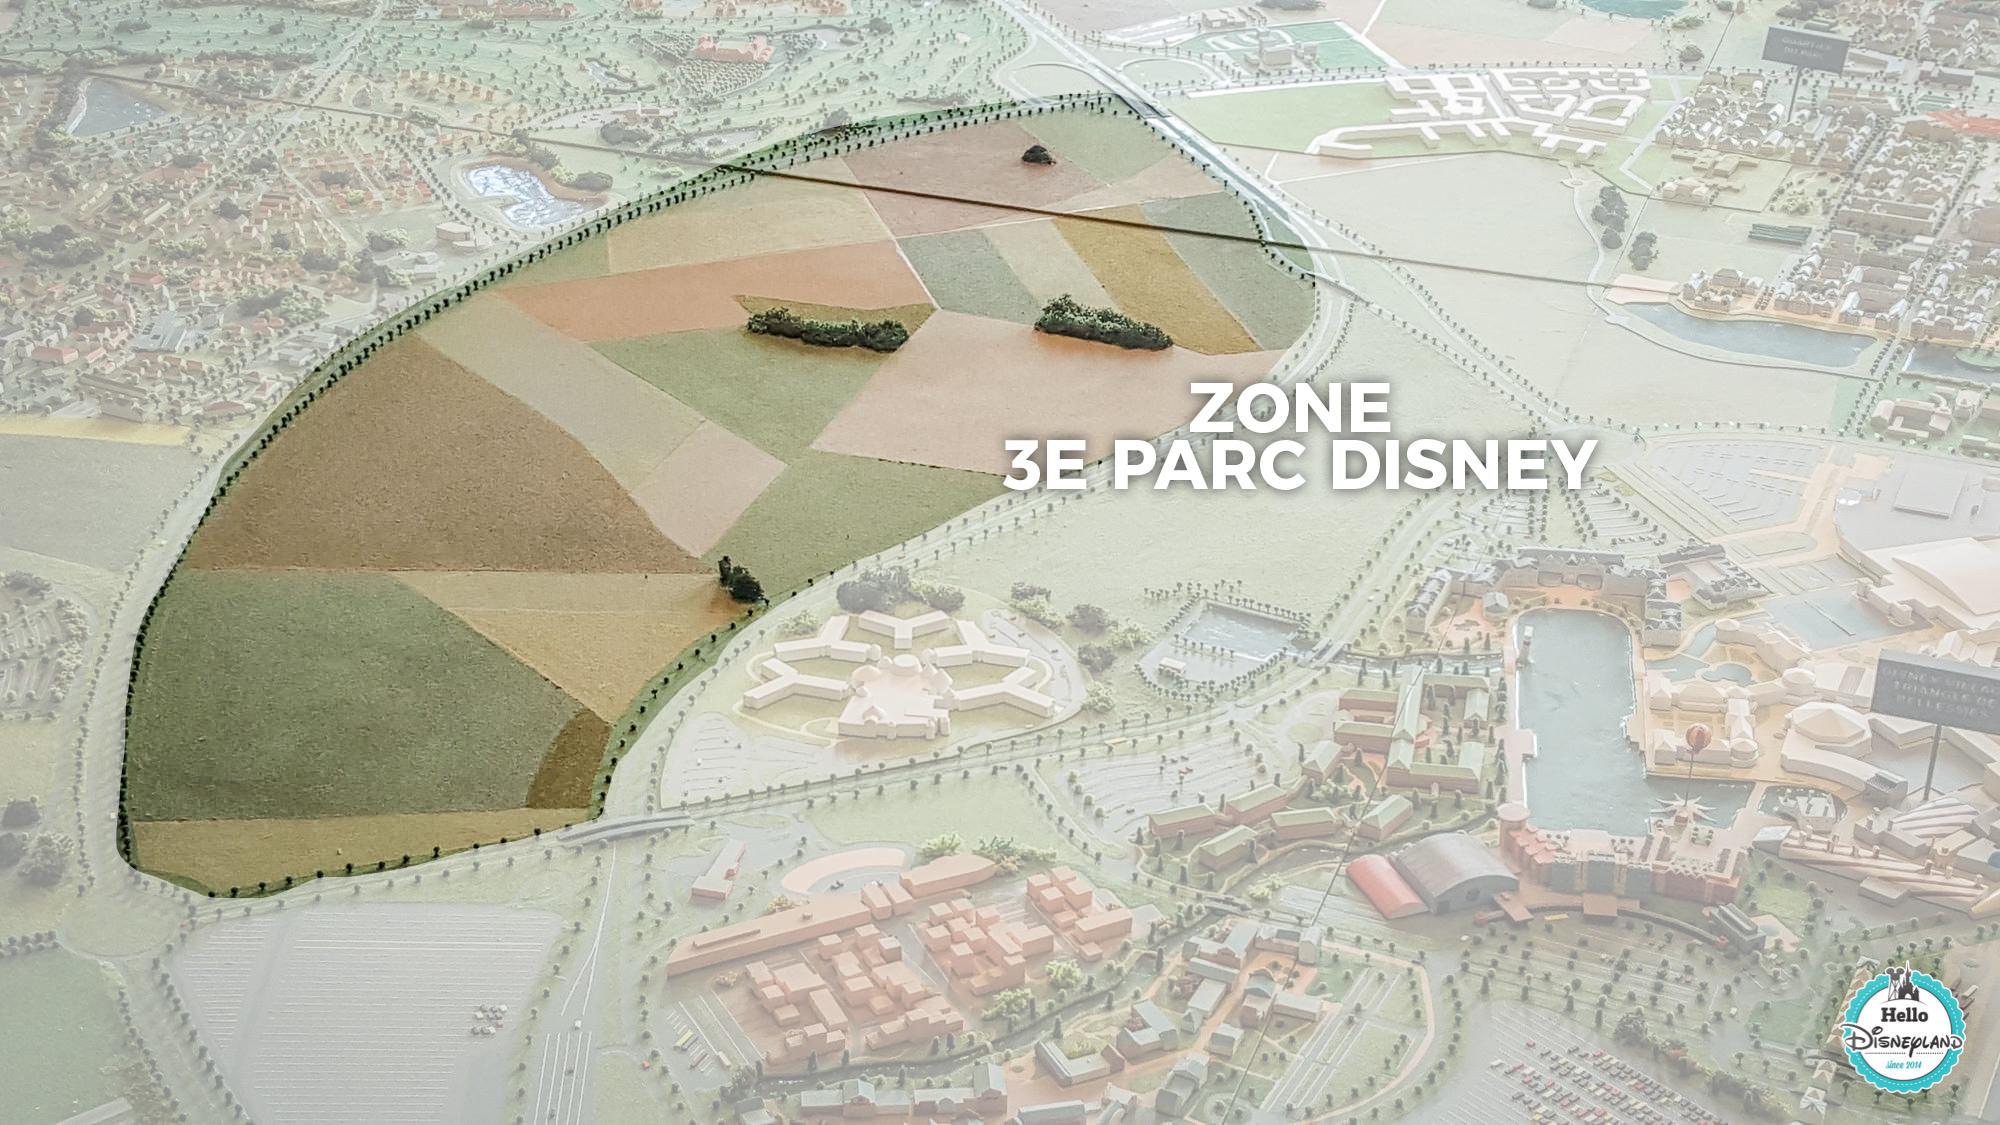 Troisième parc Disney - evolution Disneyland Paris 2030